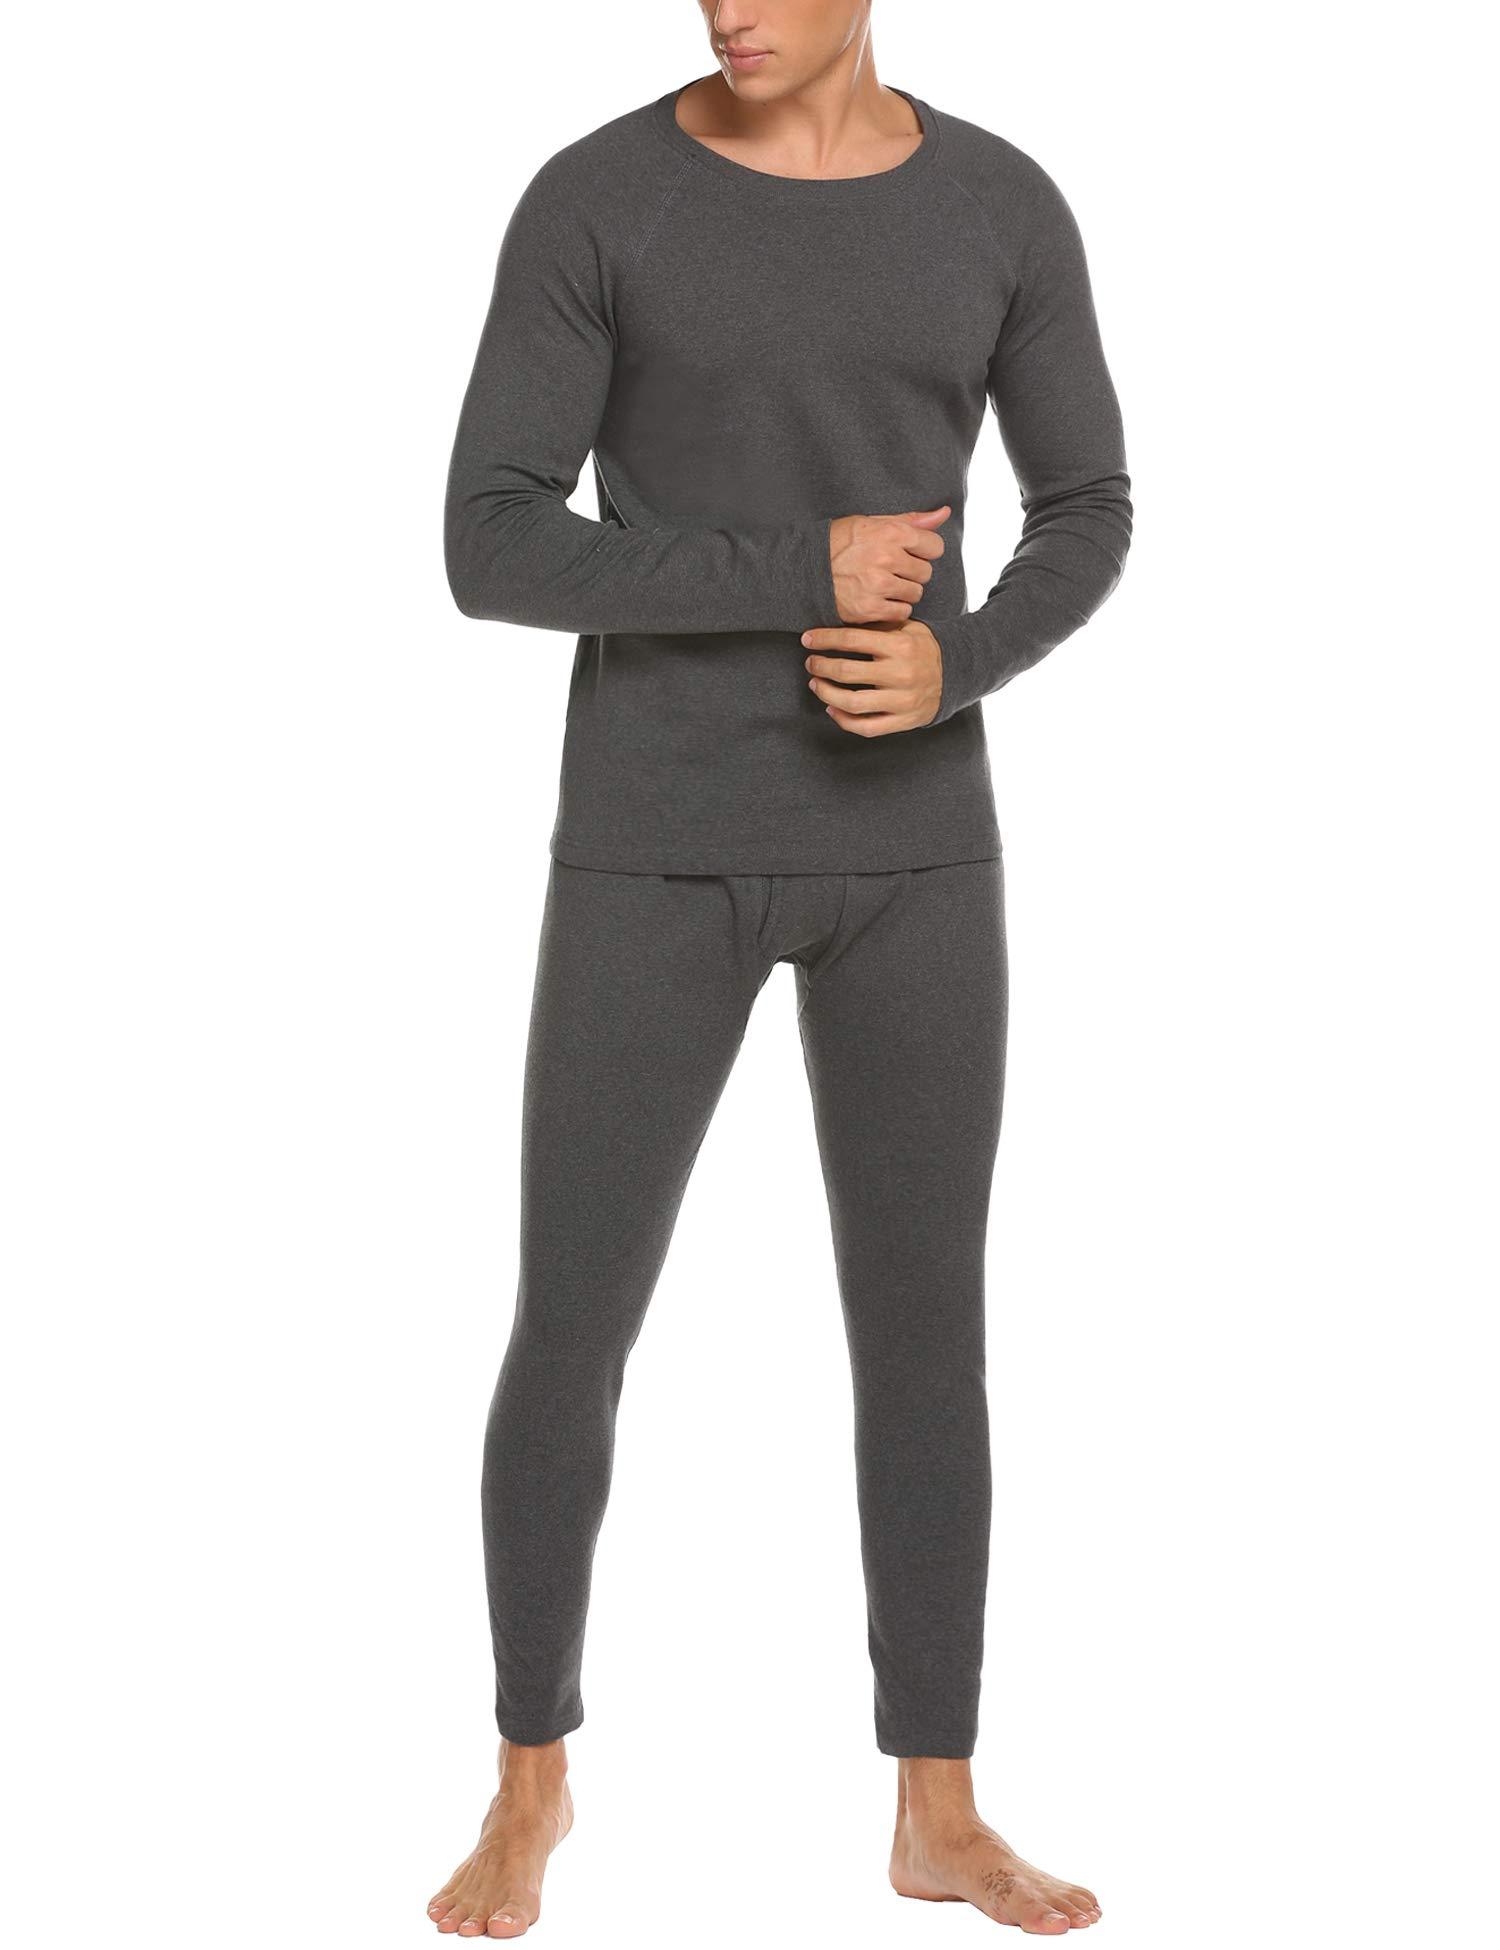 MAXMODA Thermo Unterwäsche Set Hemd/Hose oder 2 Stück Lange Thermo-Unterhemden oder Thermo-Unterhosen angeraut anthrazit oder grau -tolle Skiunterwäsche für Herren